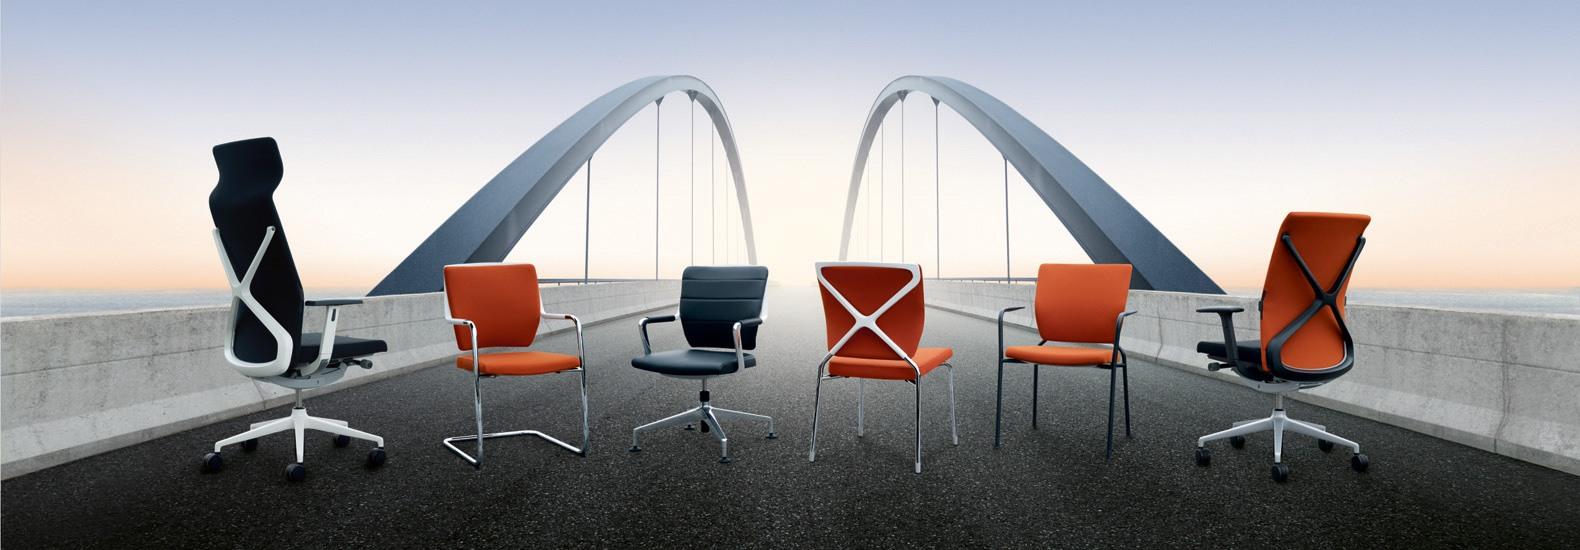 Konfigurieren Sie crossline von Sedus Seating bei office & objekt 42 um Ihr Büro perfekt auf Sie anzupassen!